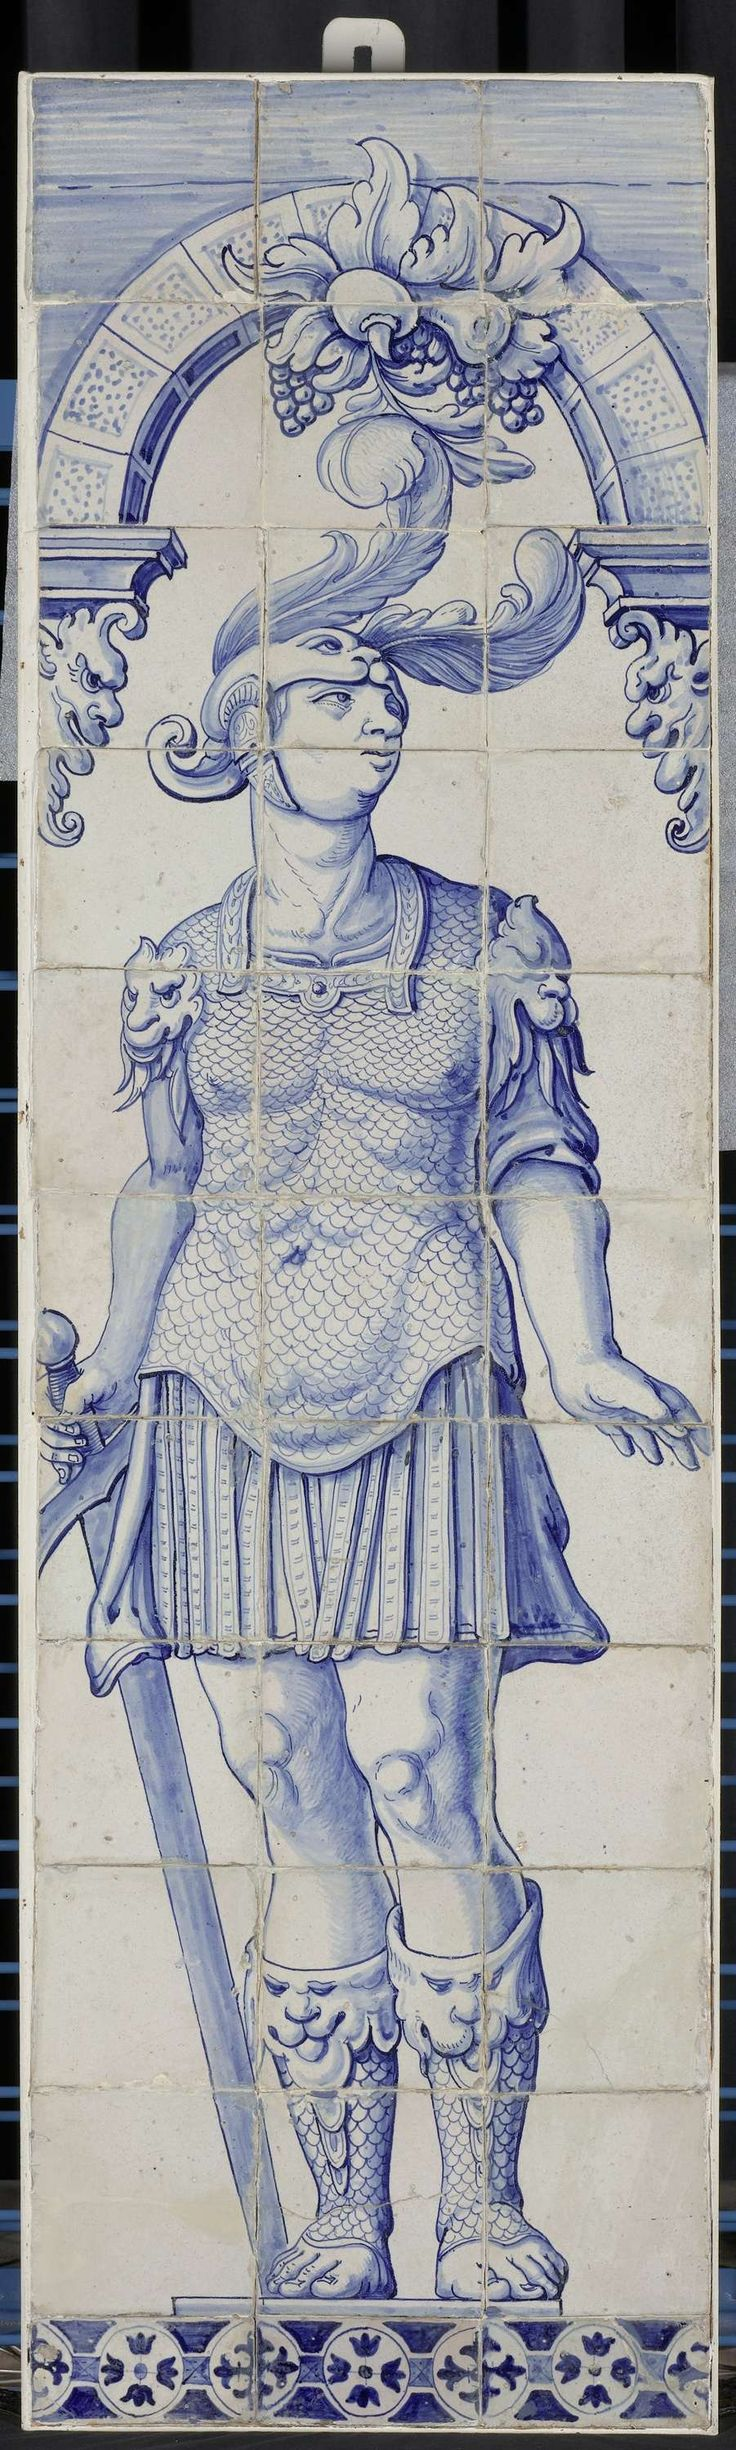 Anonymous | Schoorsteenpilaster van 33 tegels, Anonymous, 1615 - 1640 | Schoorsteenpilaster van 33 tegels (11 x 3) met een blauw geschilderde Romeinse soldaat met helm, zijn hoofd naar links gewend en een zwaard in zijn rechterhand, staande onder een boog.